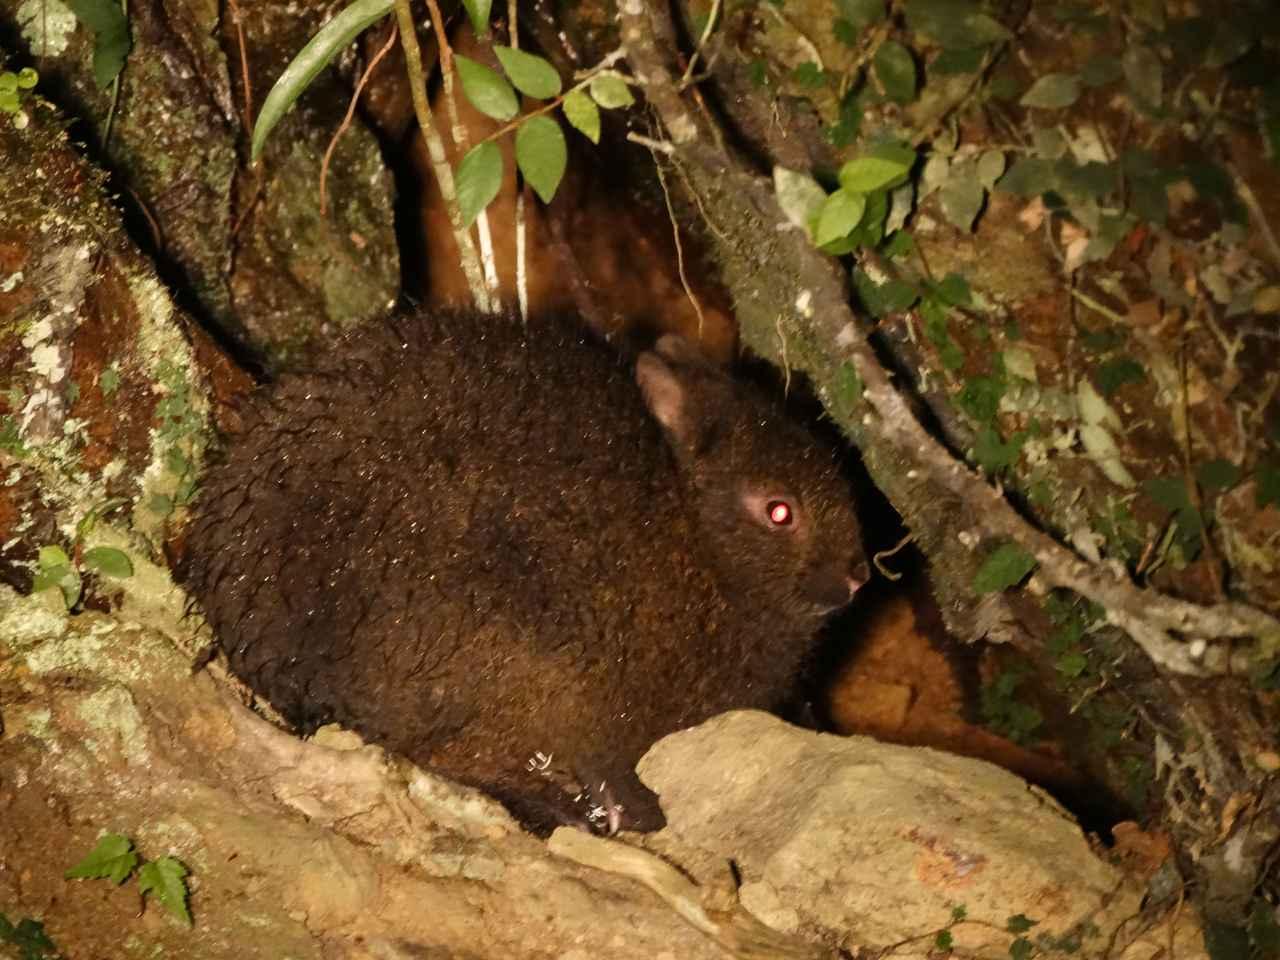 画像2: ナイトツアーで森の動物たちと出会う